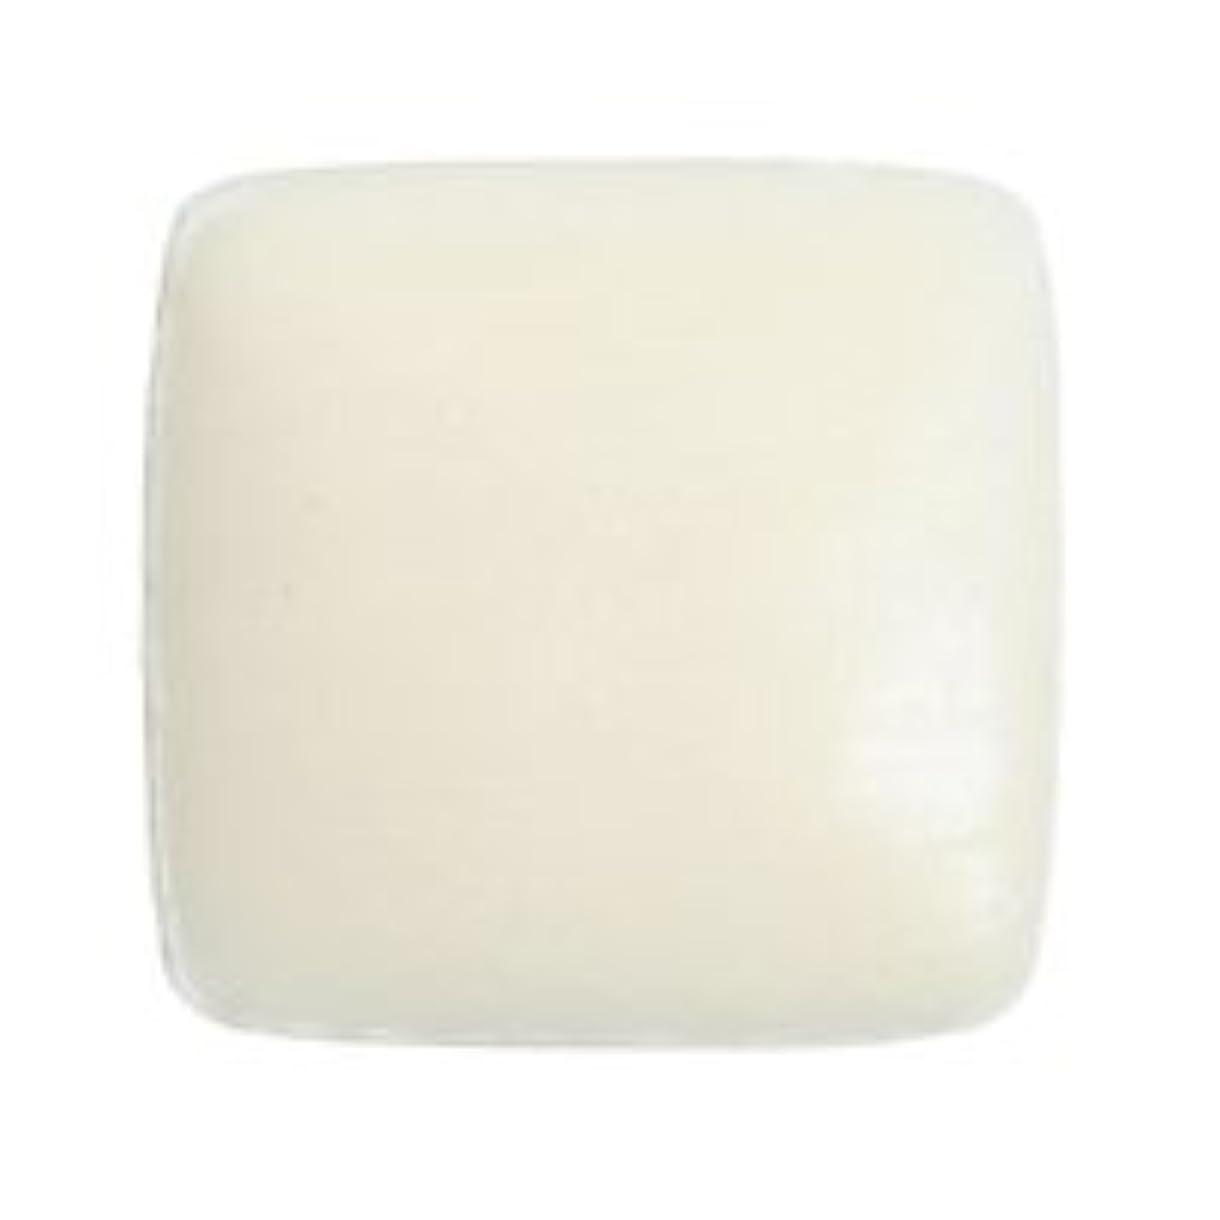 静める密度一回ドクターY ホワイトクレイソープ80g 固形石鹸